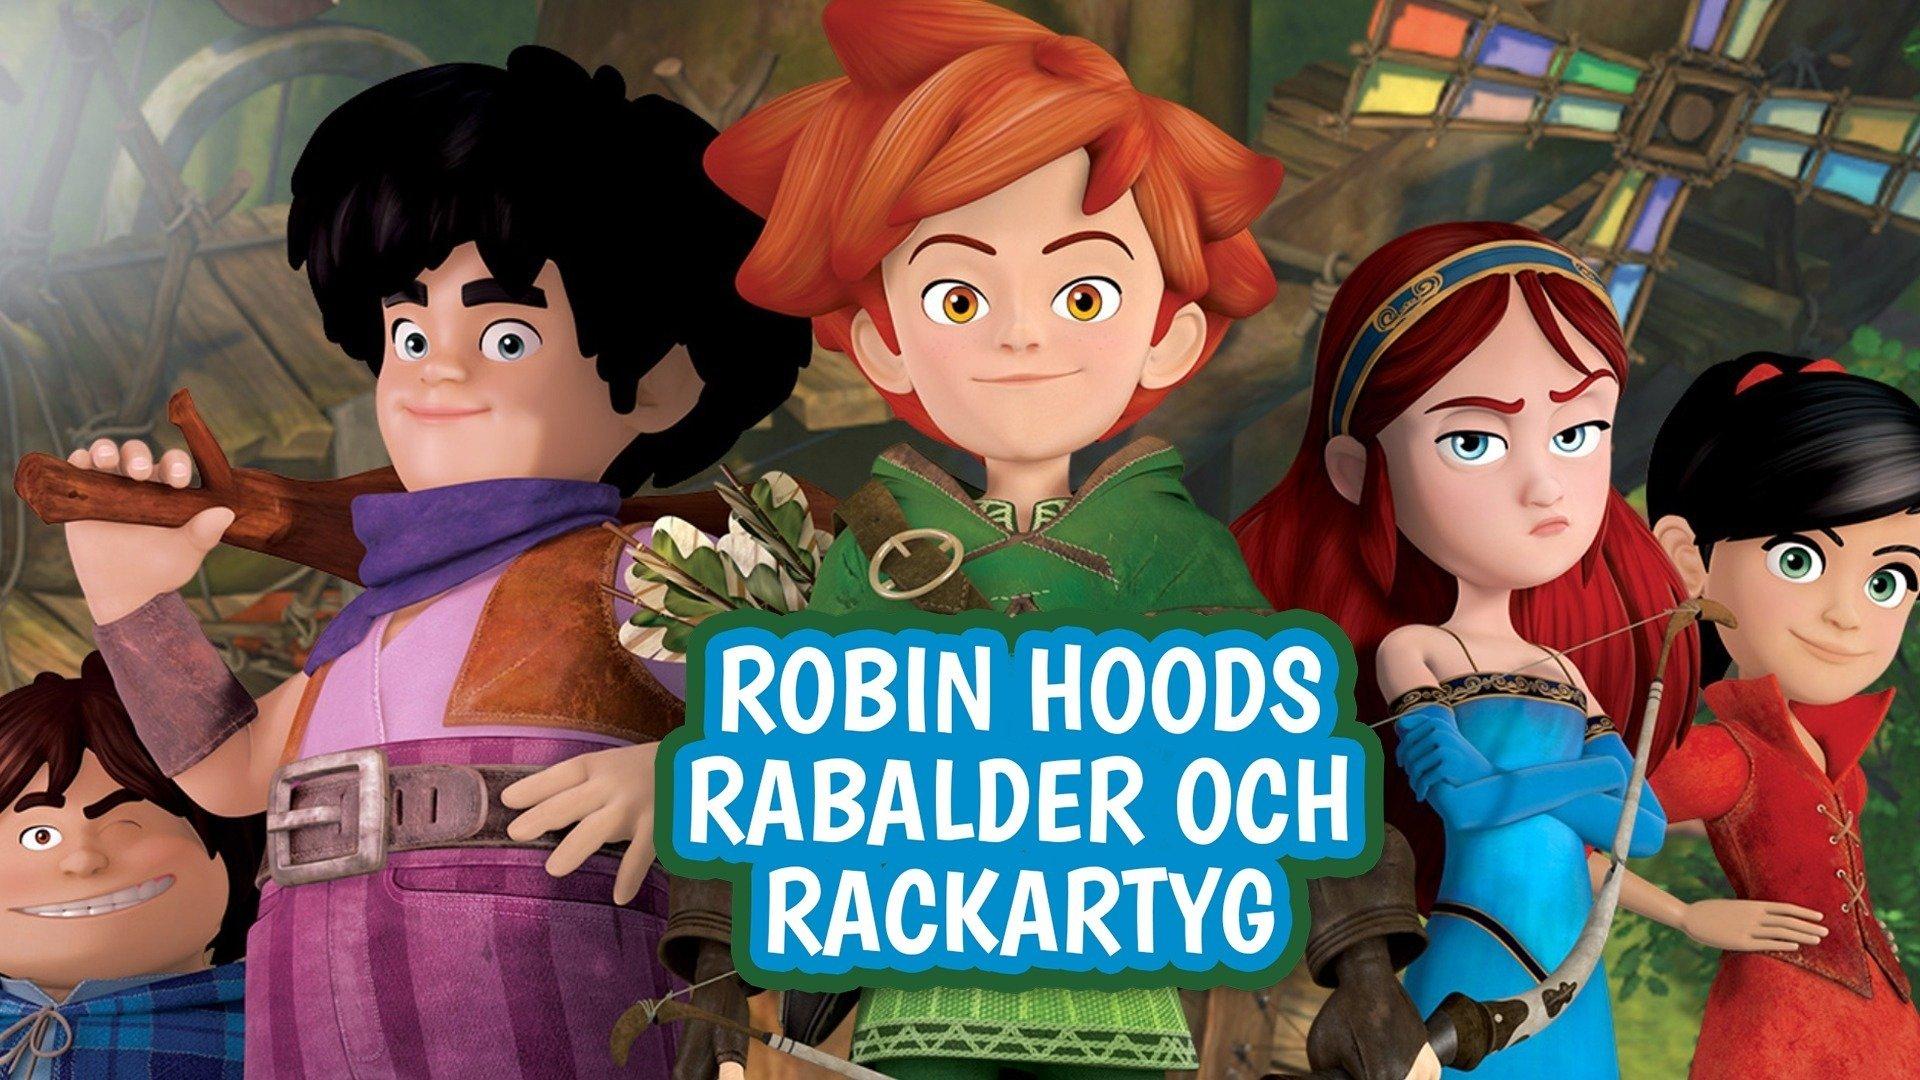 Robin Hoods rabalder och rackartyg - sv.tal